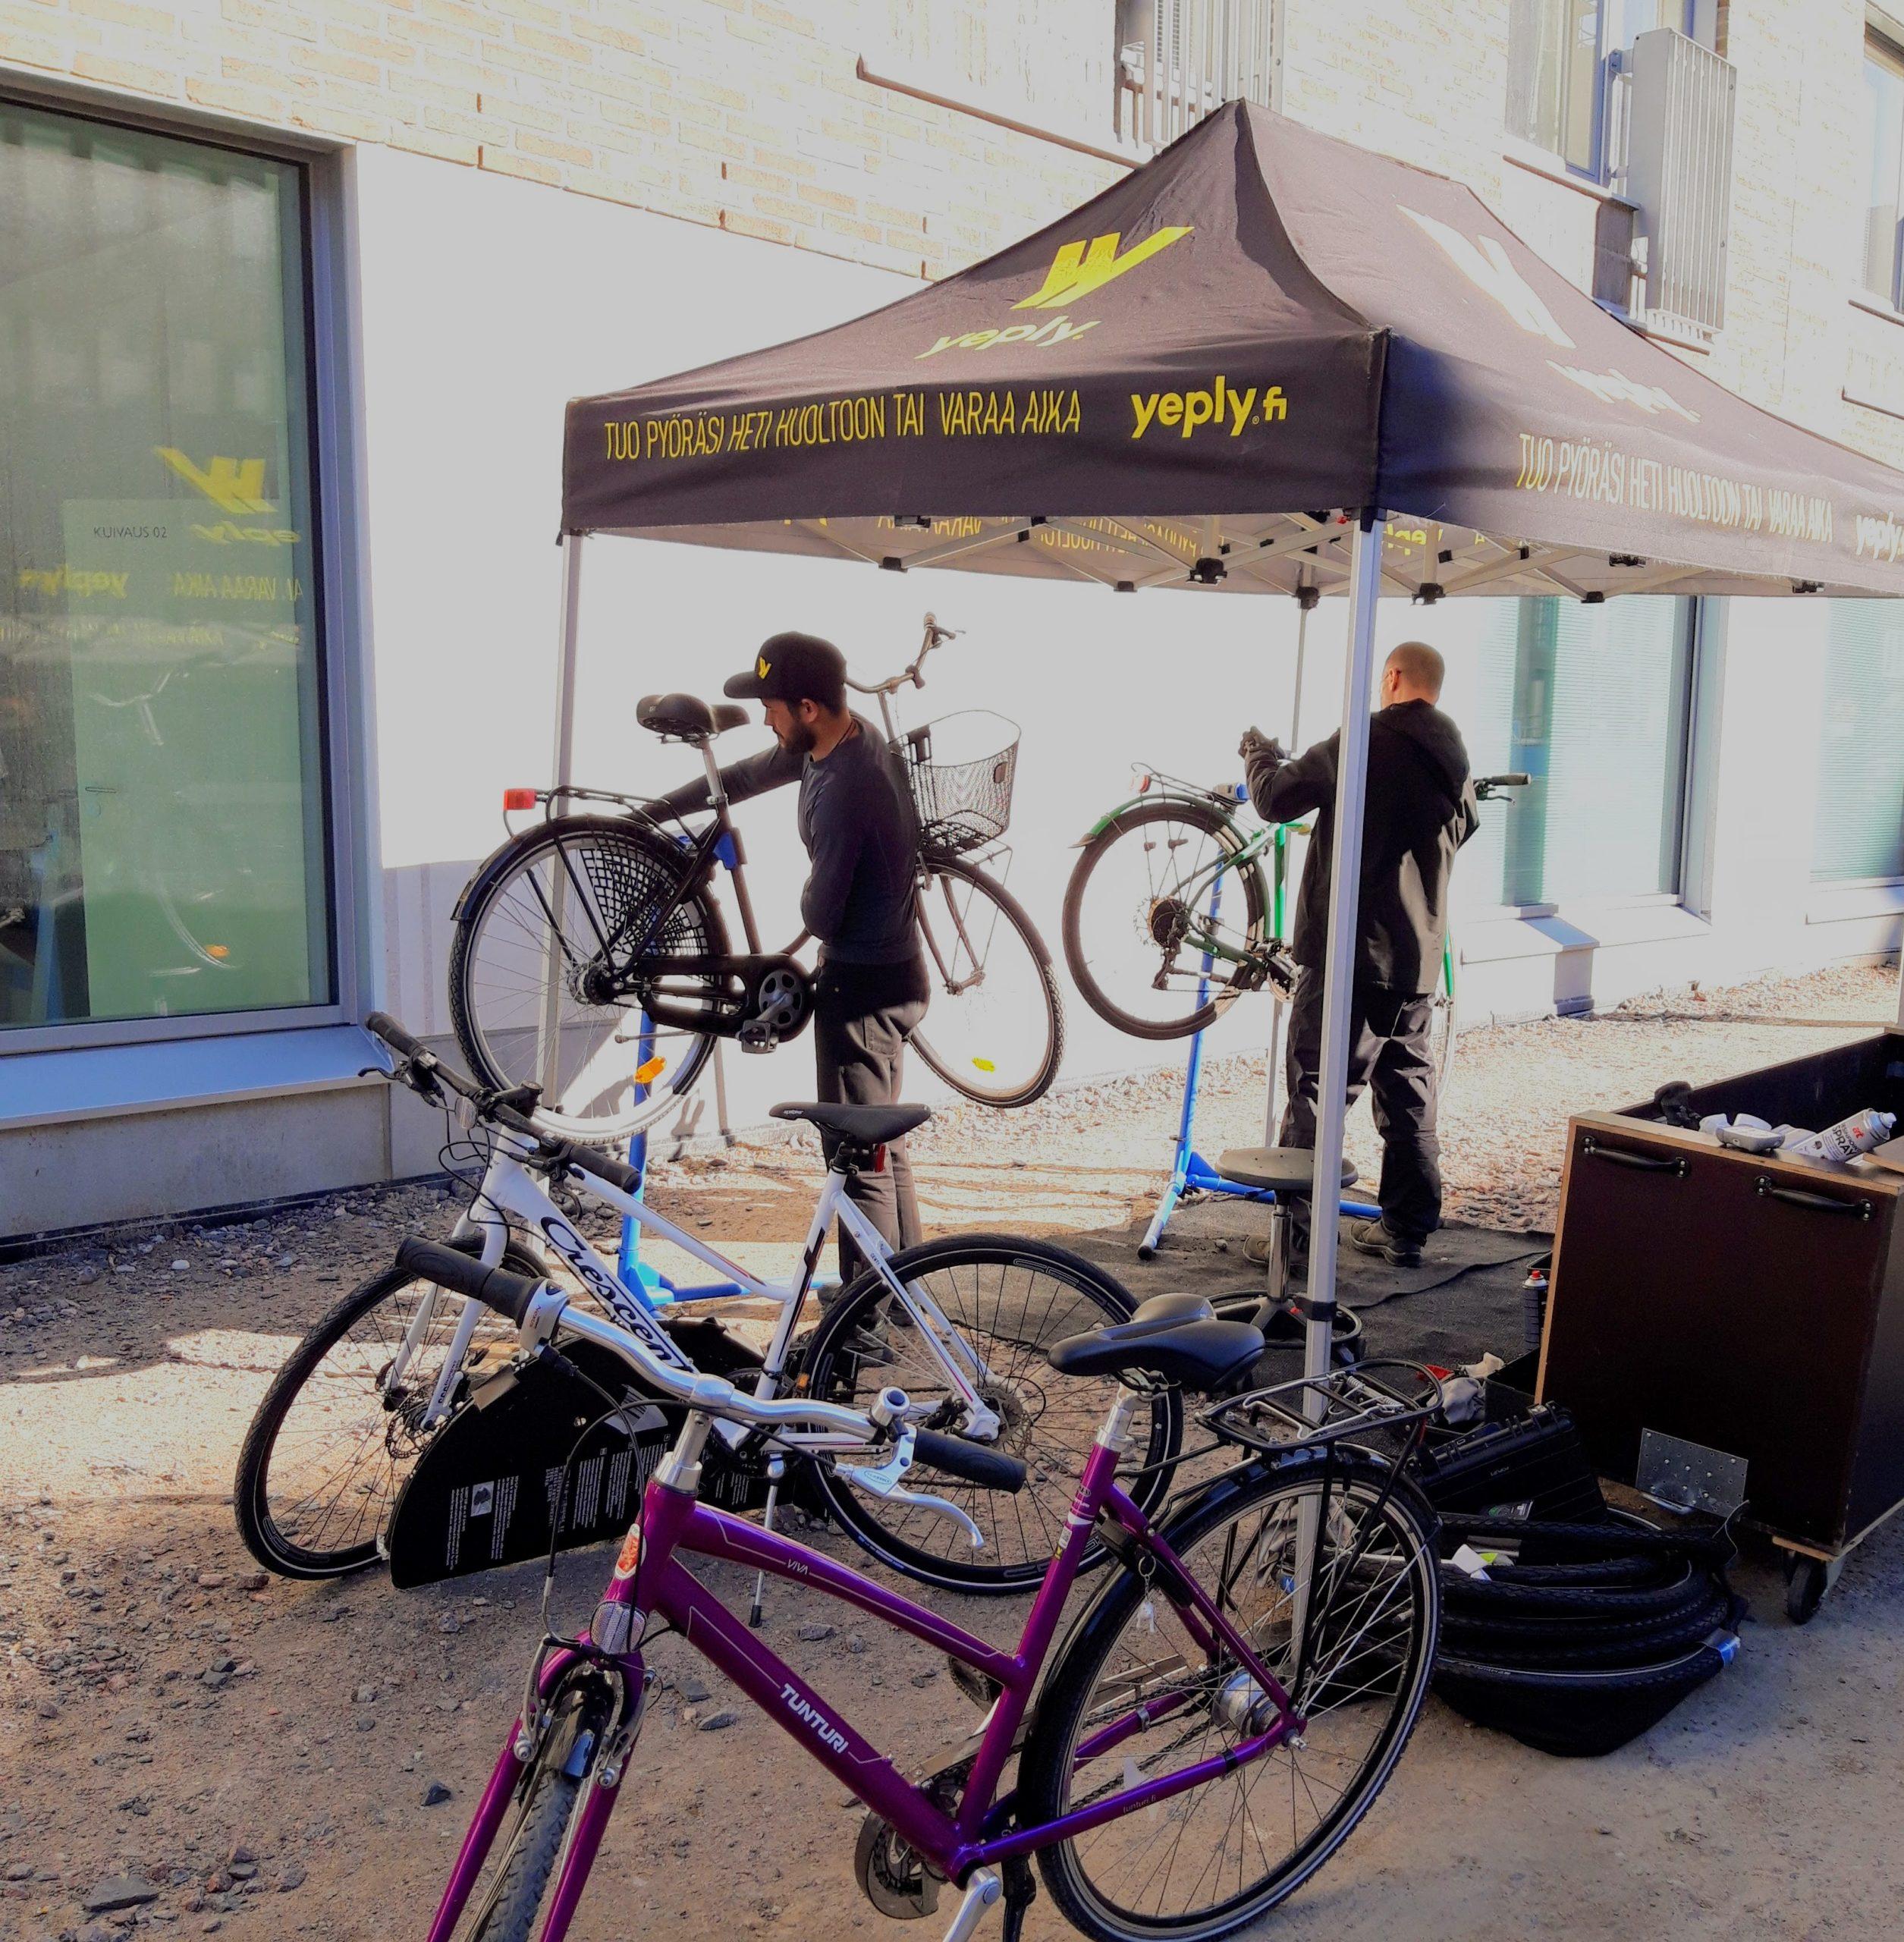 Polkupyörät kuntoon kesää varten